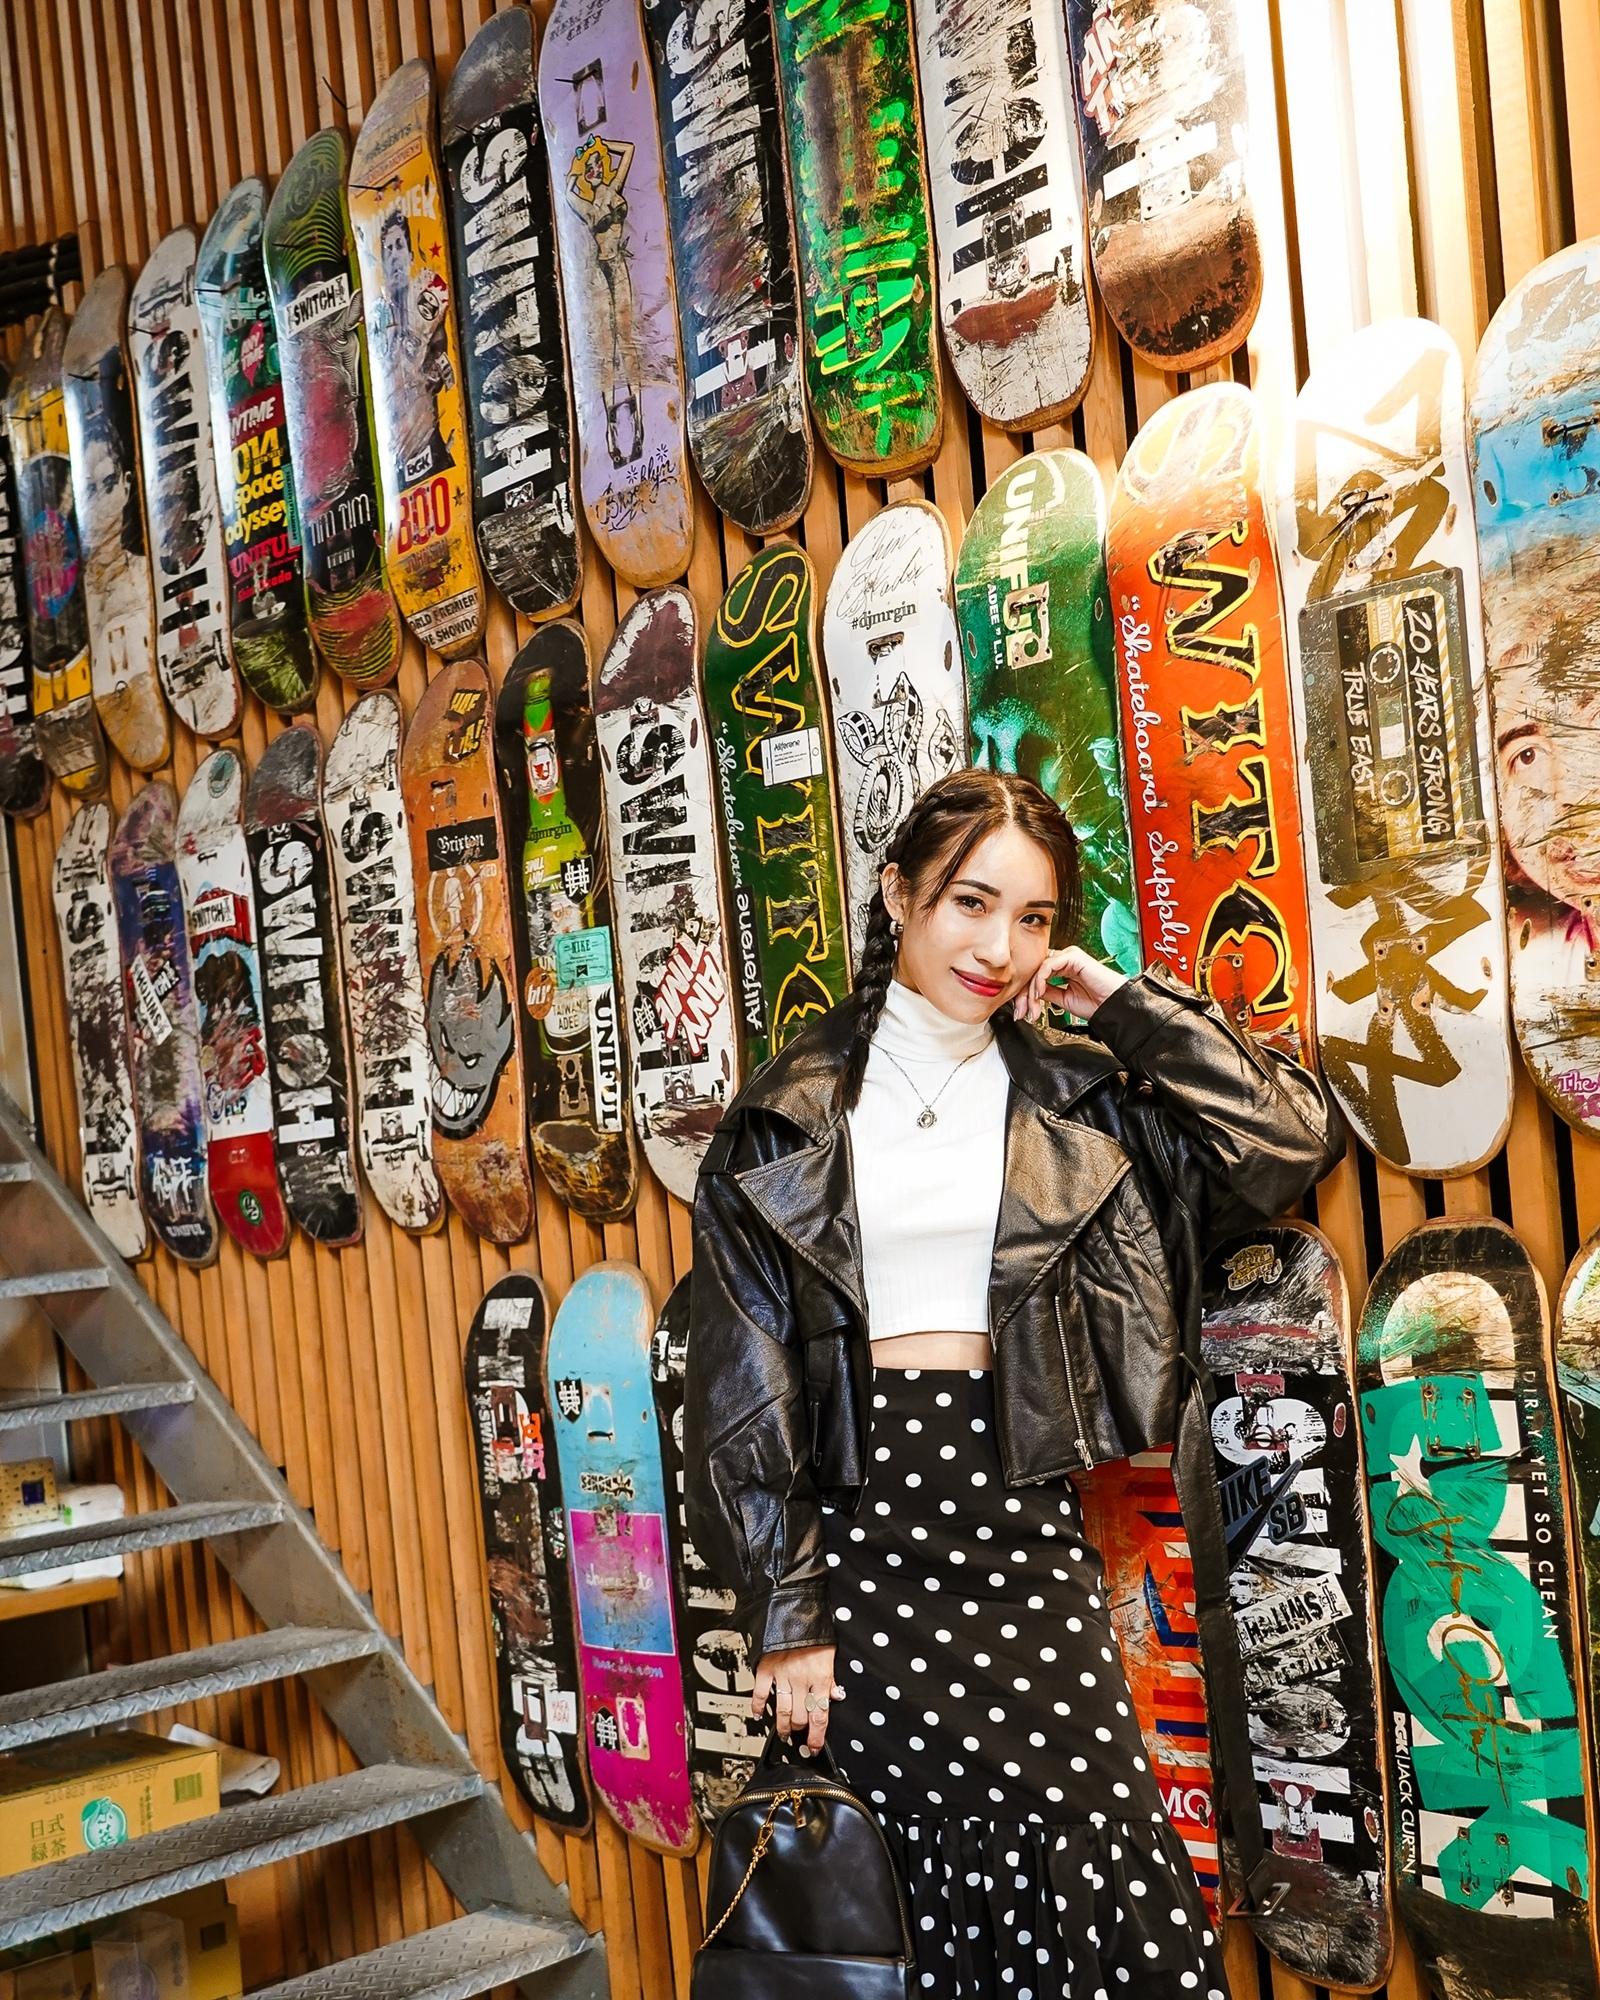 台南中西區美食 東城麵家 結合hiphop與街頭文化的潮流麵店9A.jpg